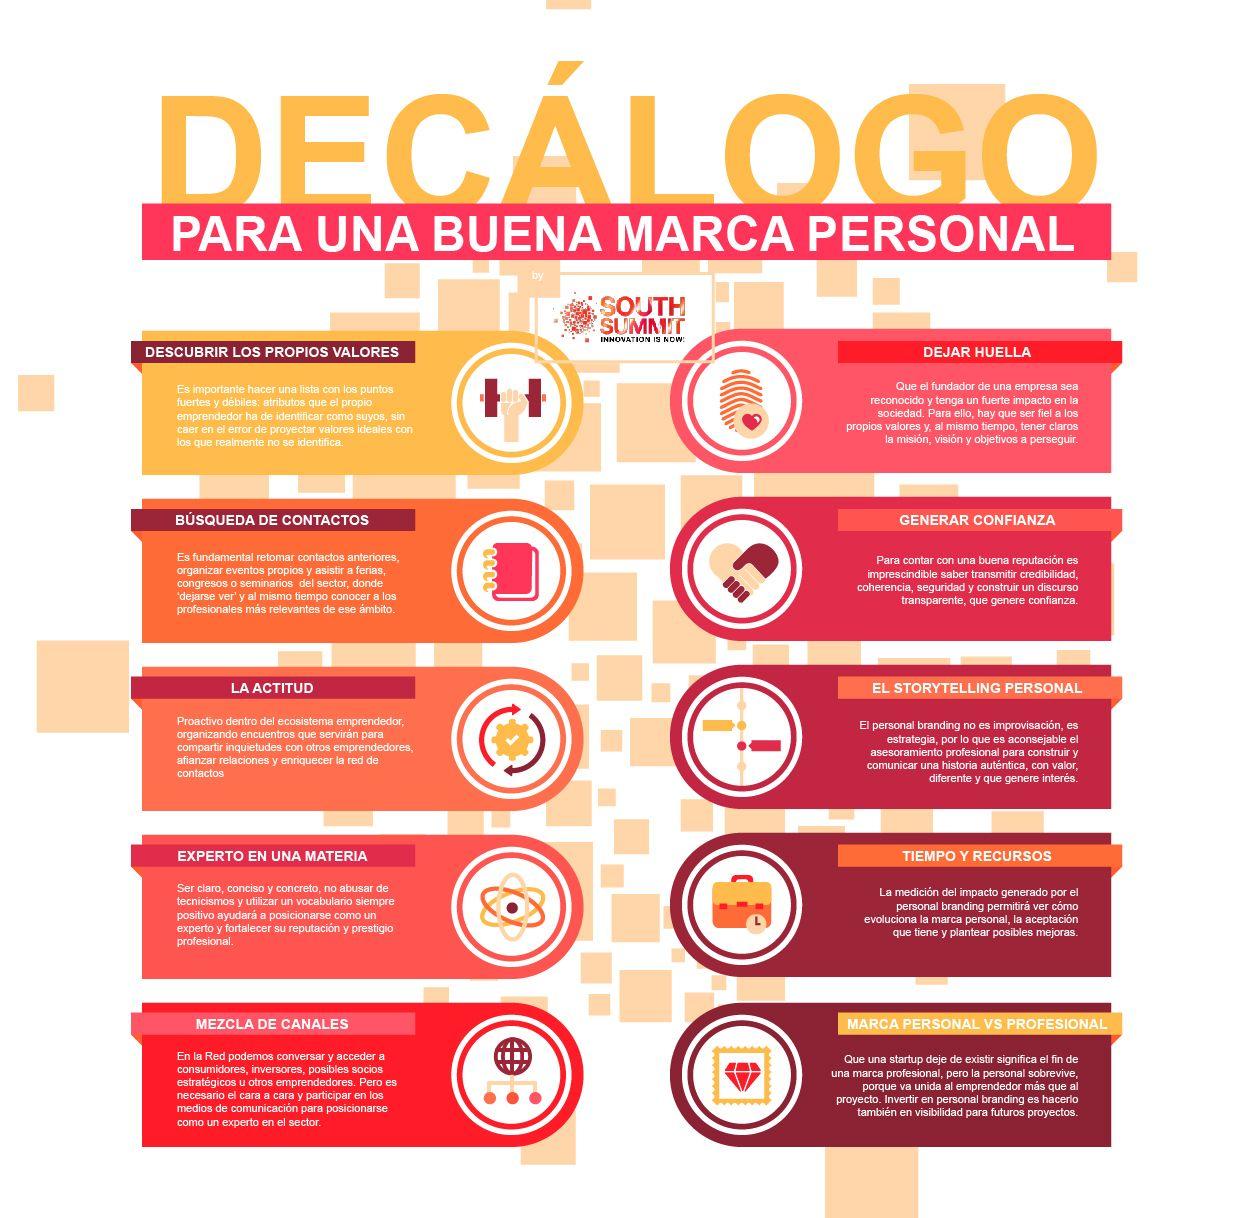 Decalogo Para Una Buena Marca Personal Noticias Autonomos